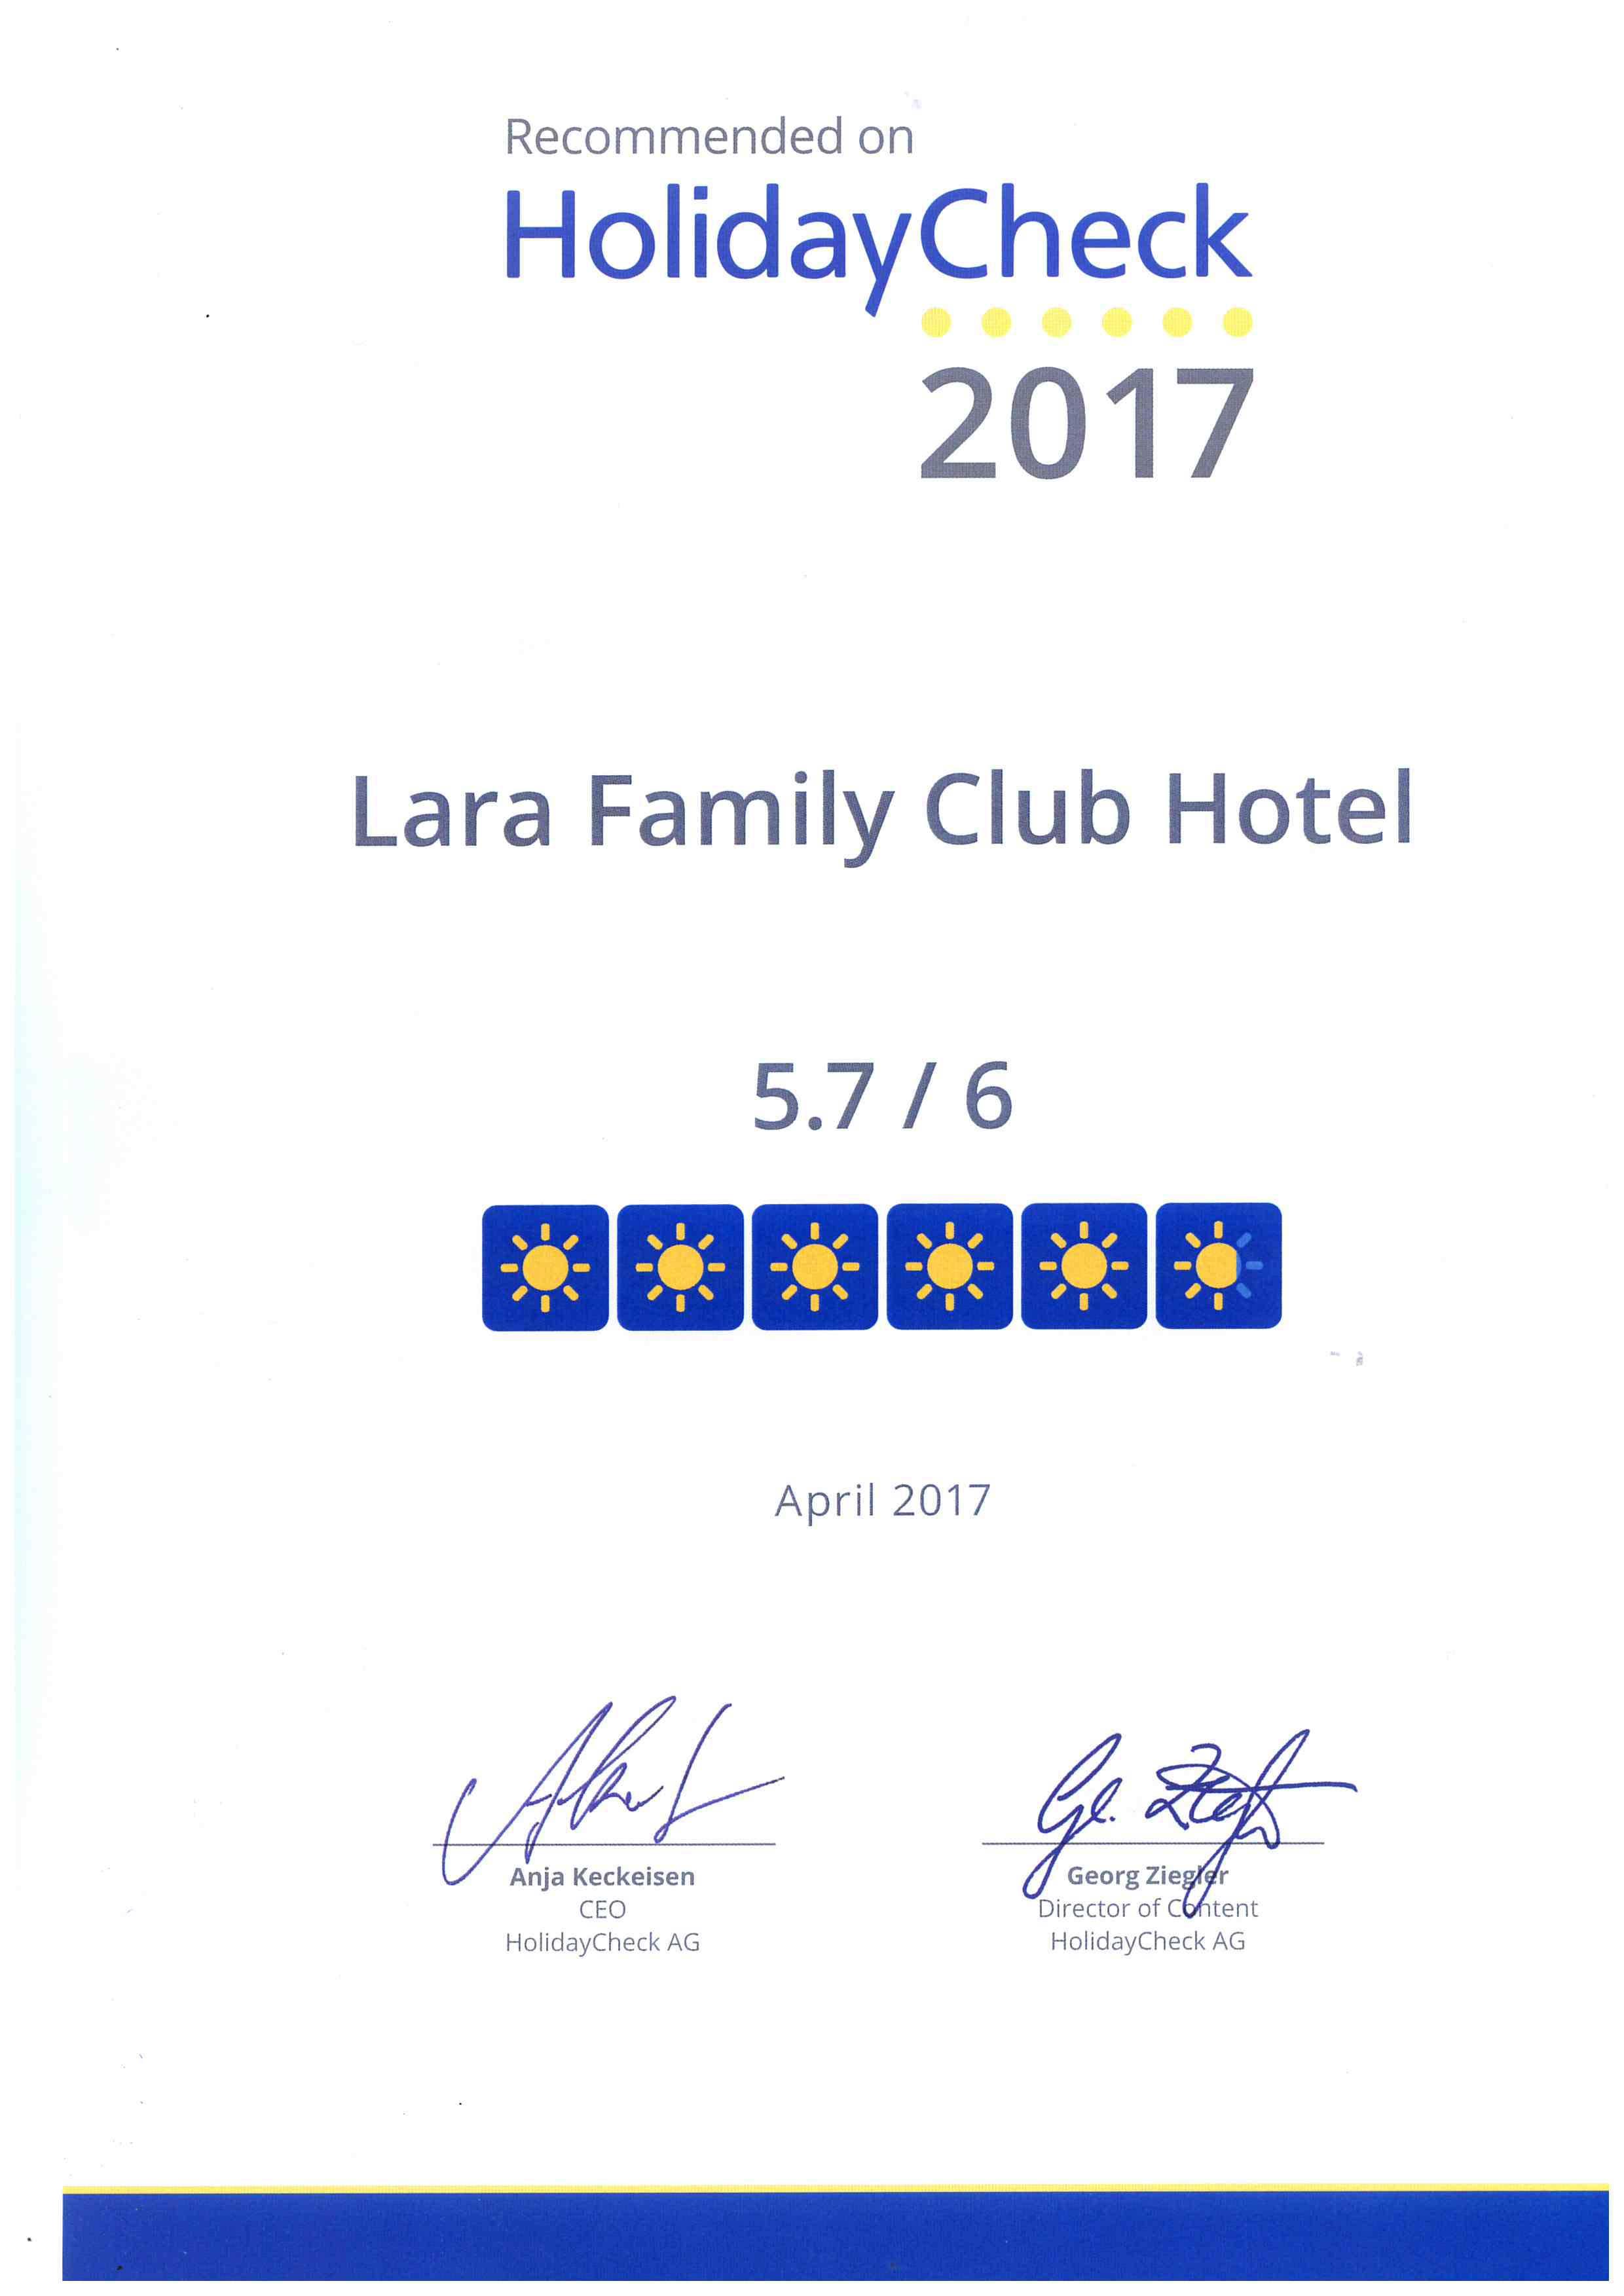 lara_2017_3.jpg